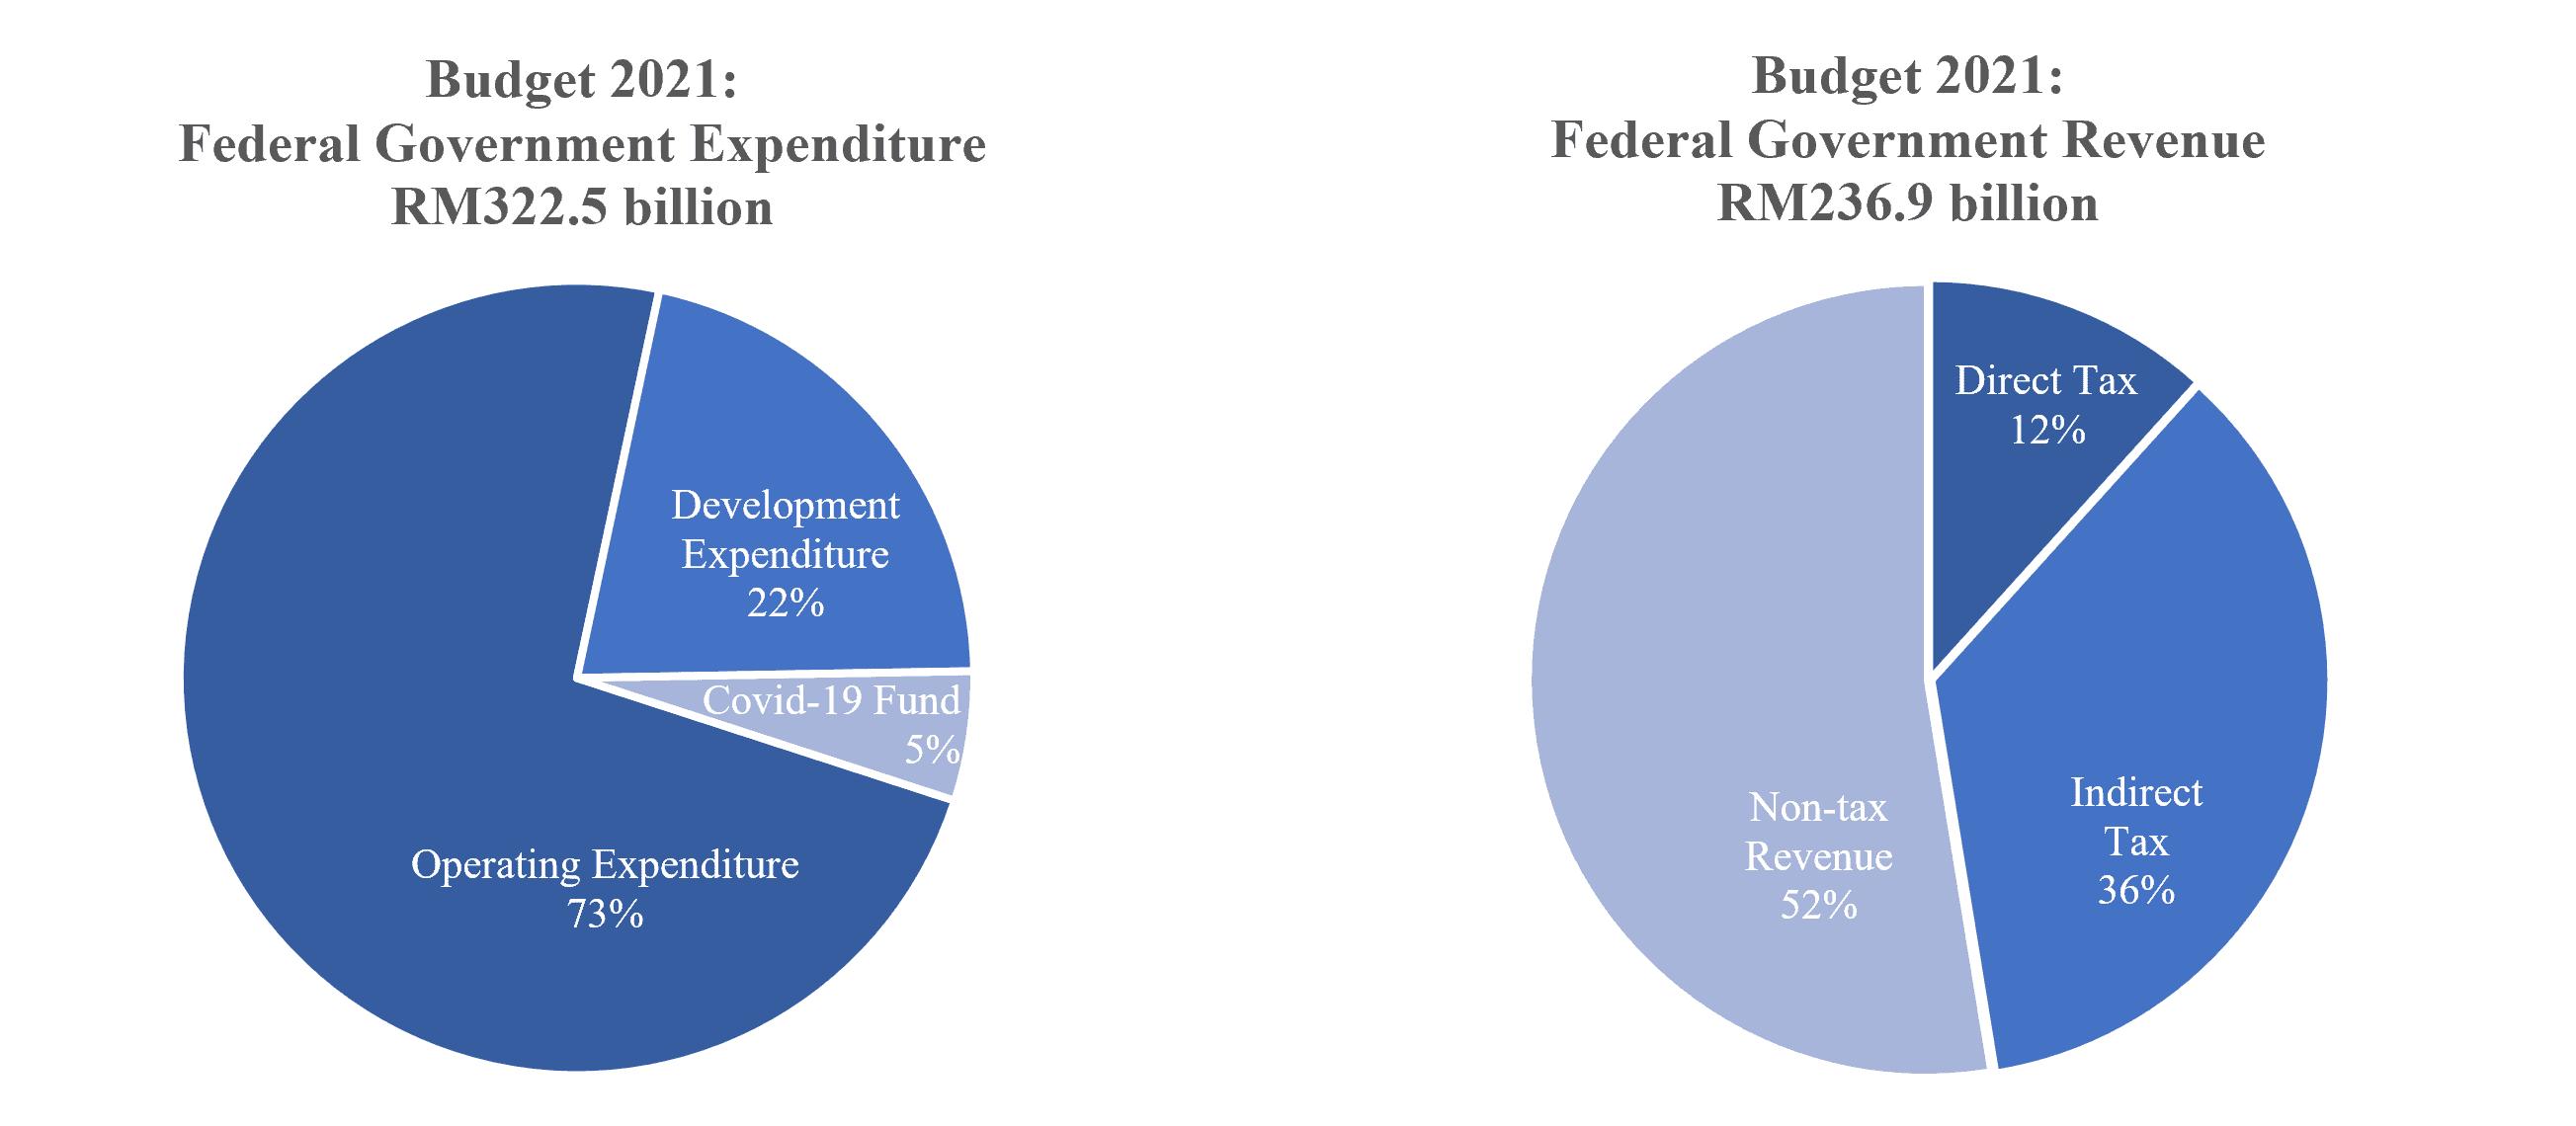 budget2021 img1